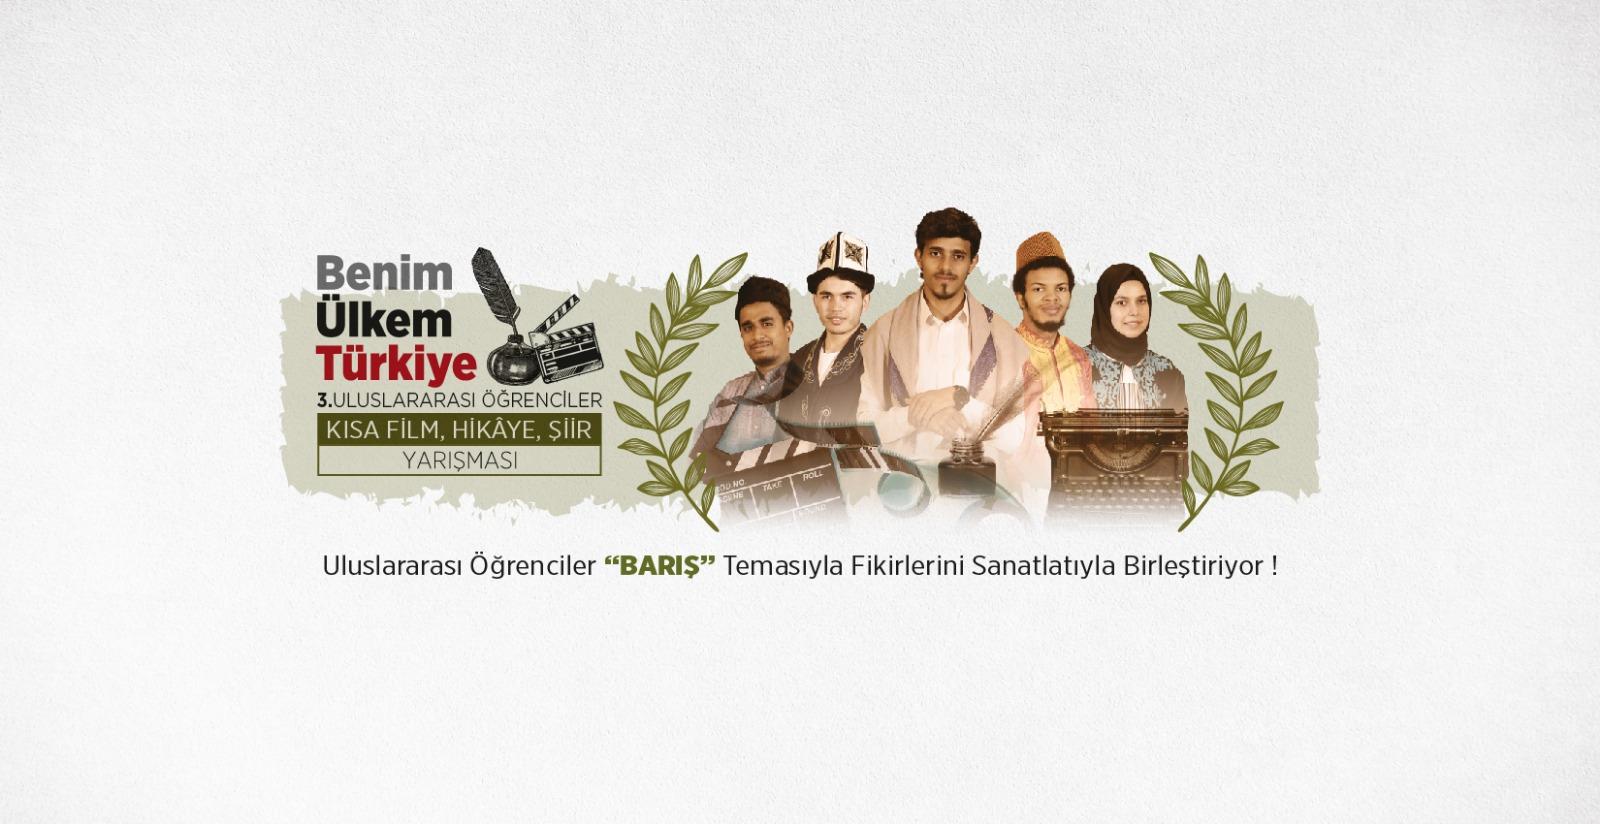 Benim Ülkem Türkiye Kısa Film, Hikaye, Şiir Yarışması